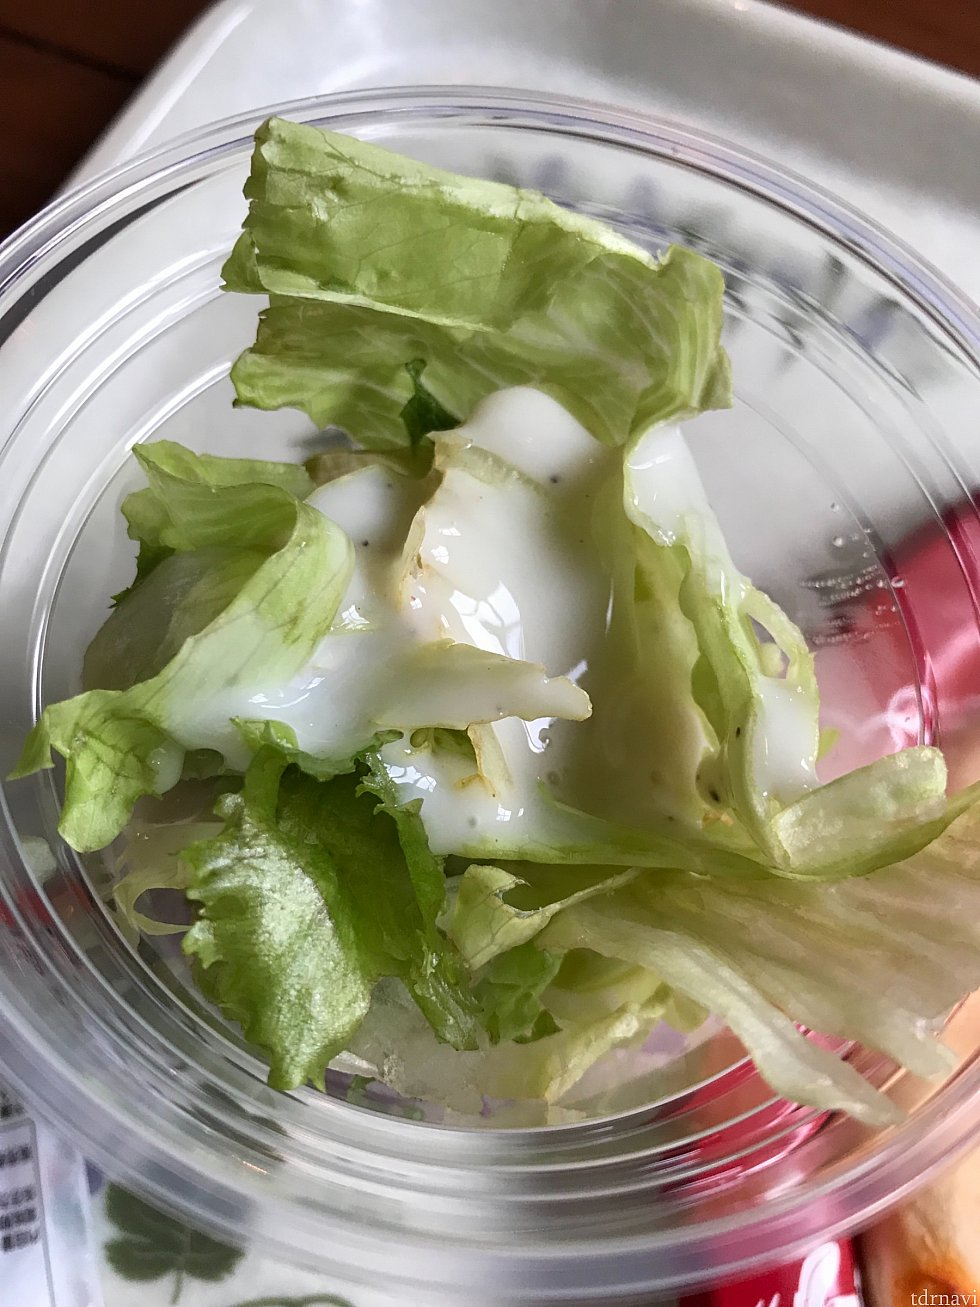 サラダにかけて、まぜまぜ〜🎶🎶サラダはレタス、紫キャベツ、オリーブが入ってます✨✨